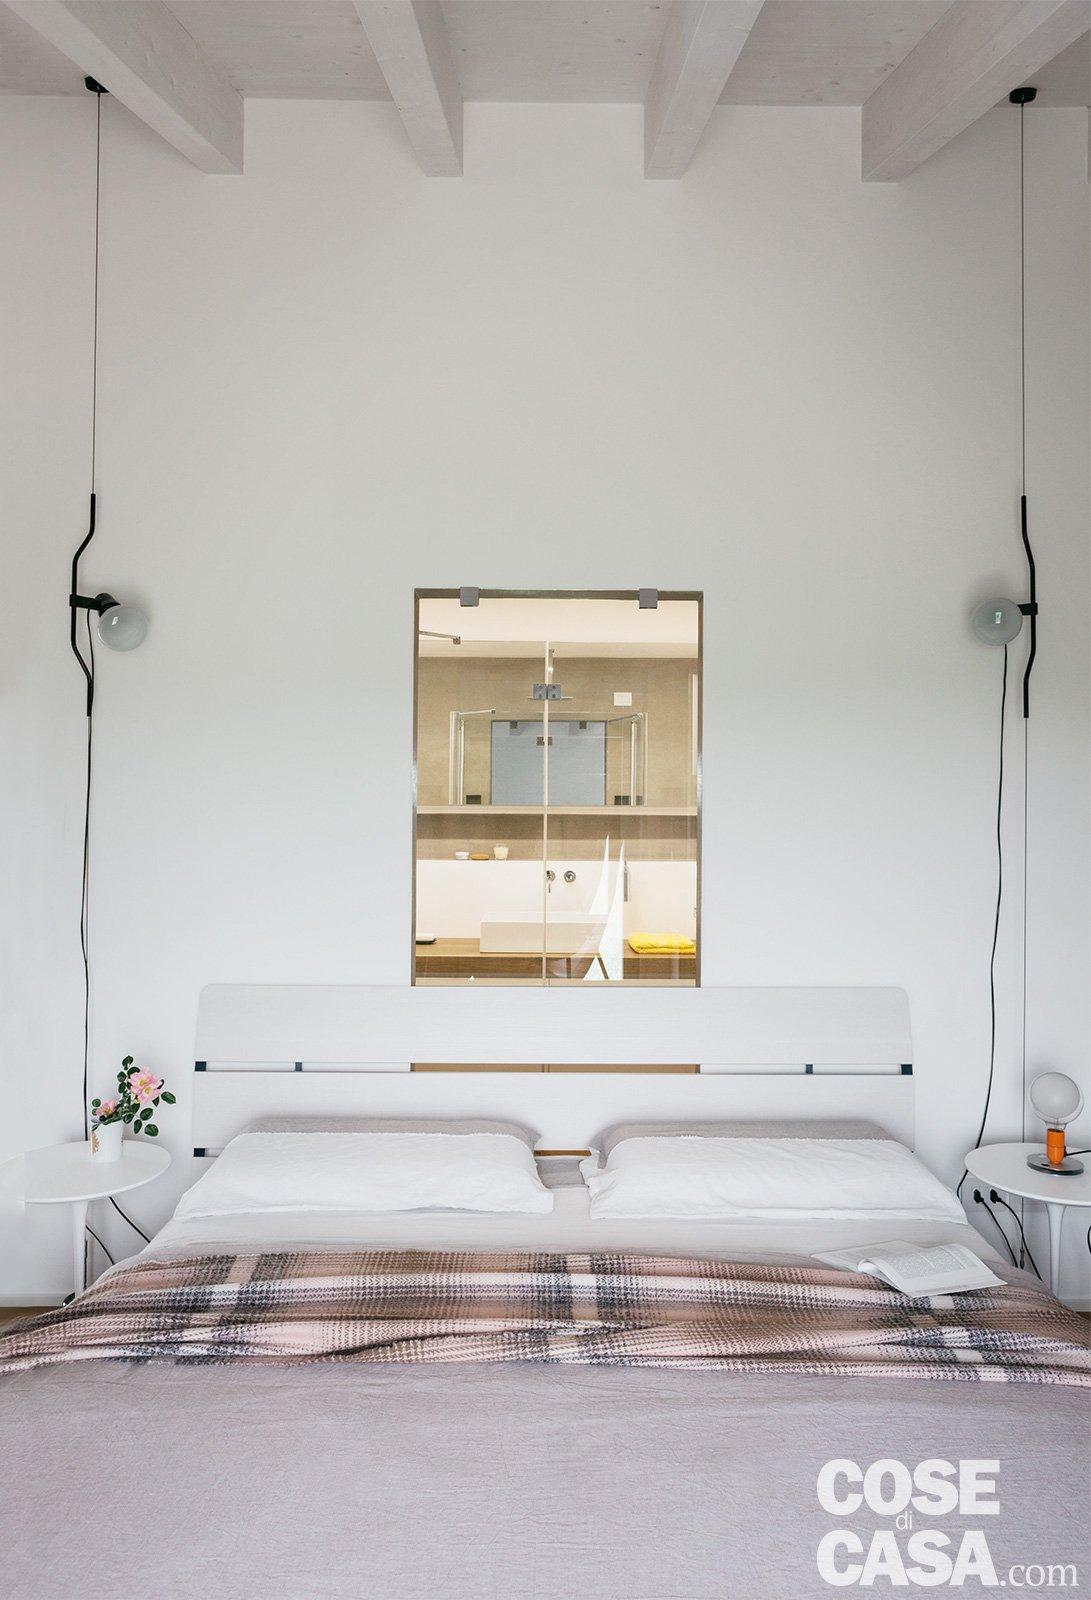 98 mq spazio moltiplicato dalla luce nel sottotetto della for Case kit 1 camera da letto